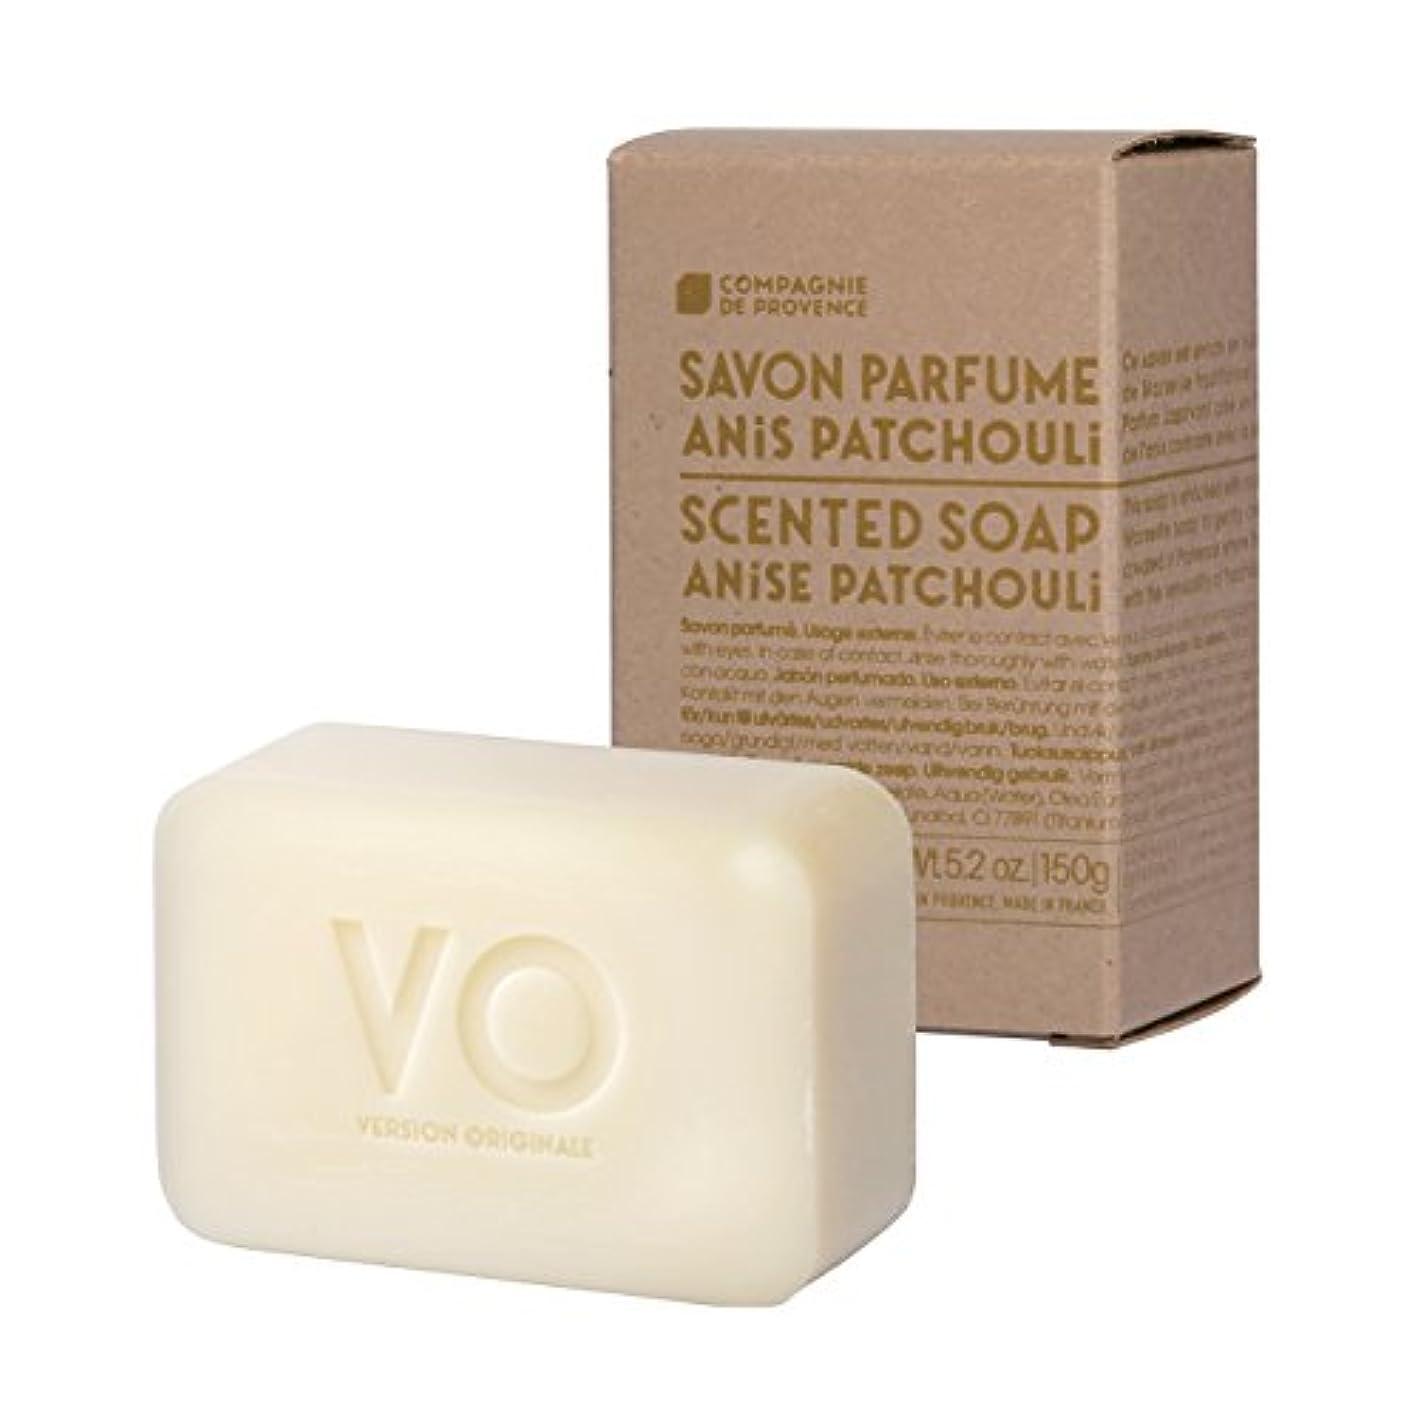 タイムリーなチートおしゃれなカンパニードプロバンス バージョンオリジナル センティッドソープ アニスパチュリ(魅惑的なスパイシーハーブの香り) 150g